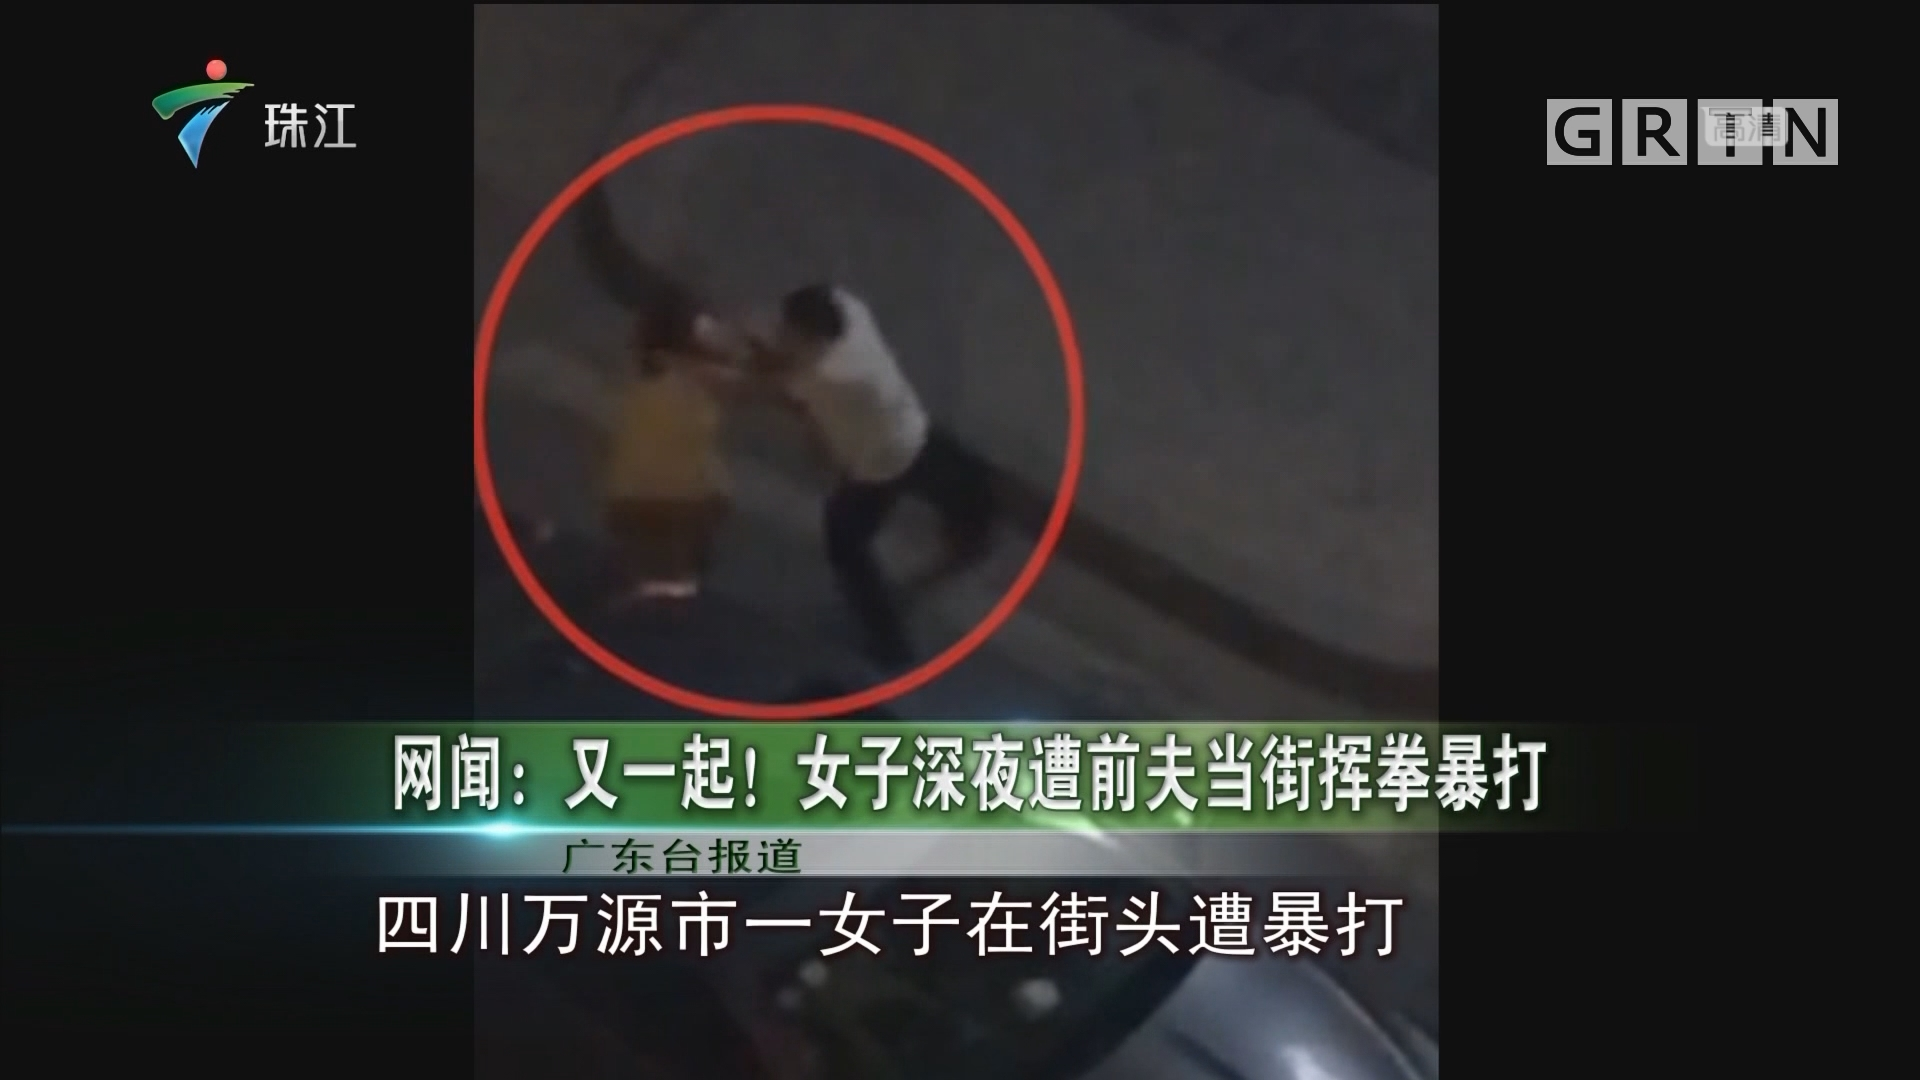 网闻:又一起! 女子深夜遭前夫当街挥拳暴打